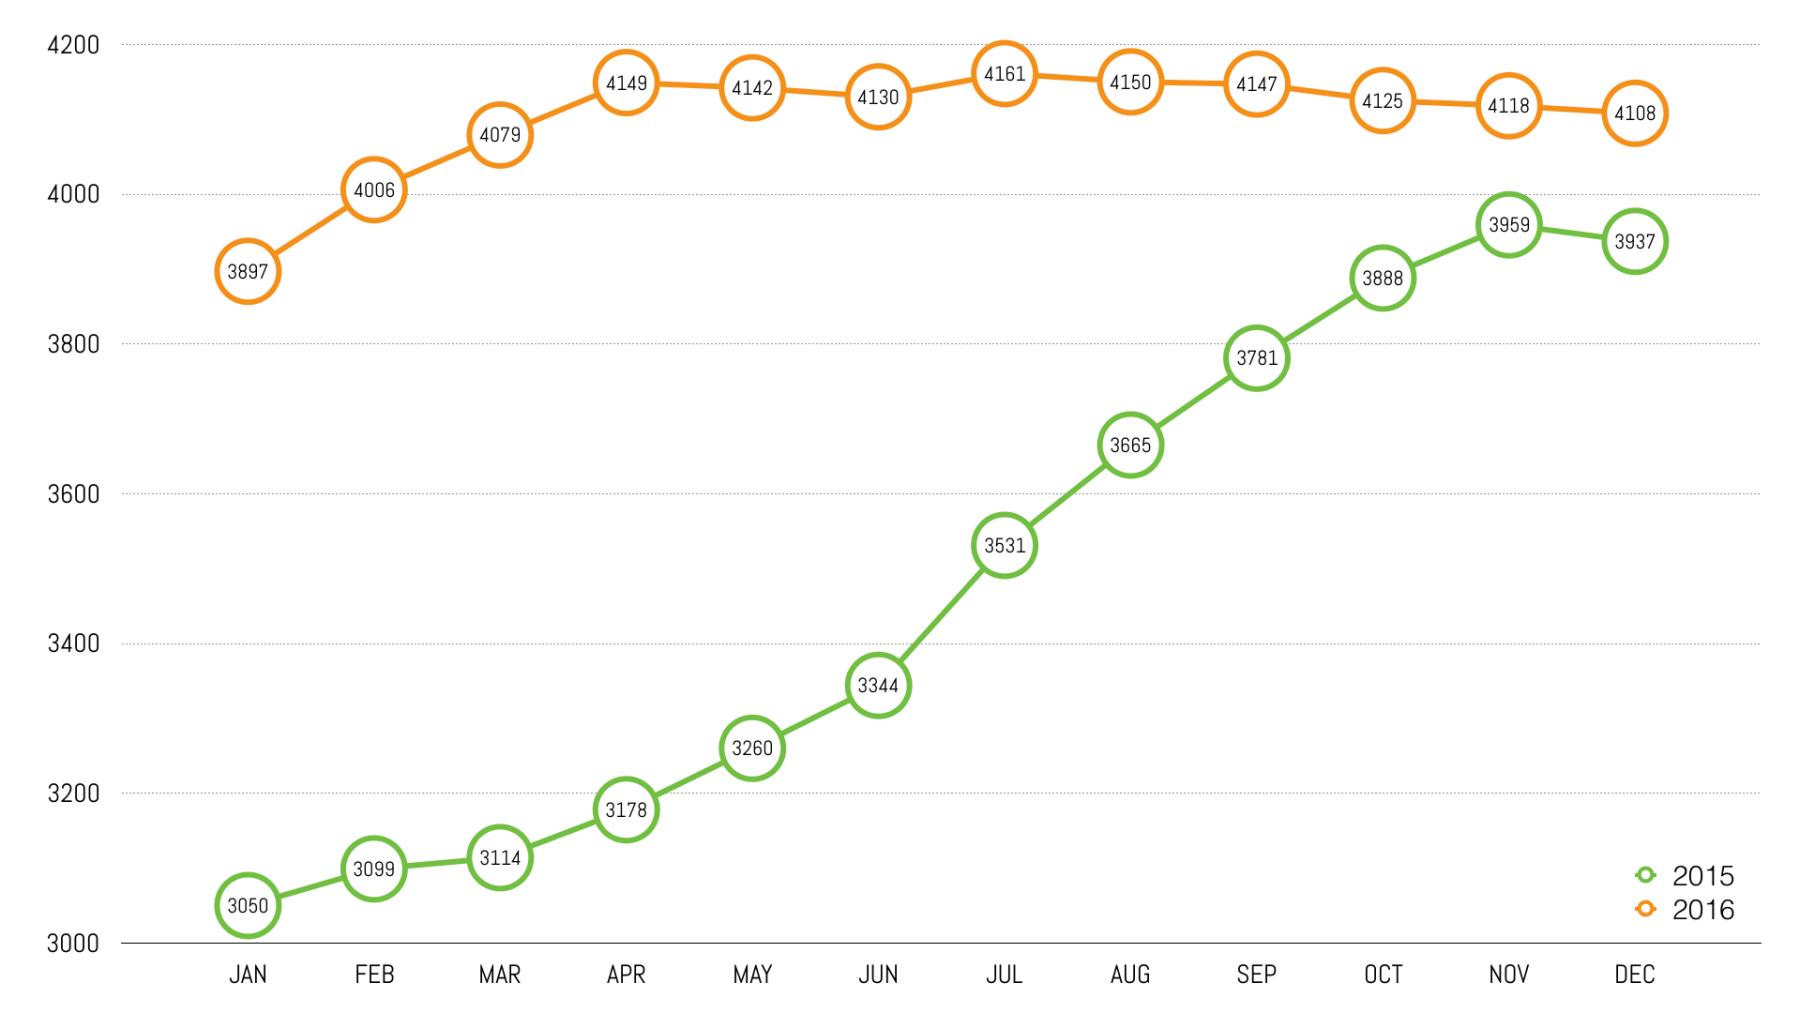 Drop in Instagram followers — 2015 vs 2016